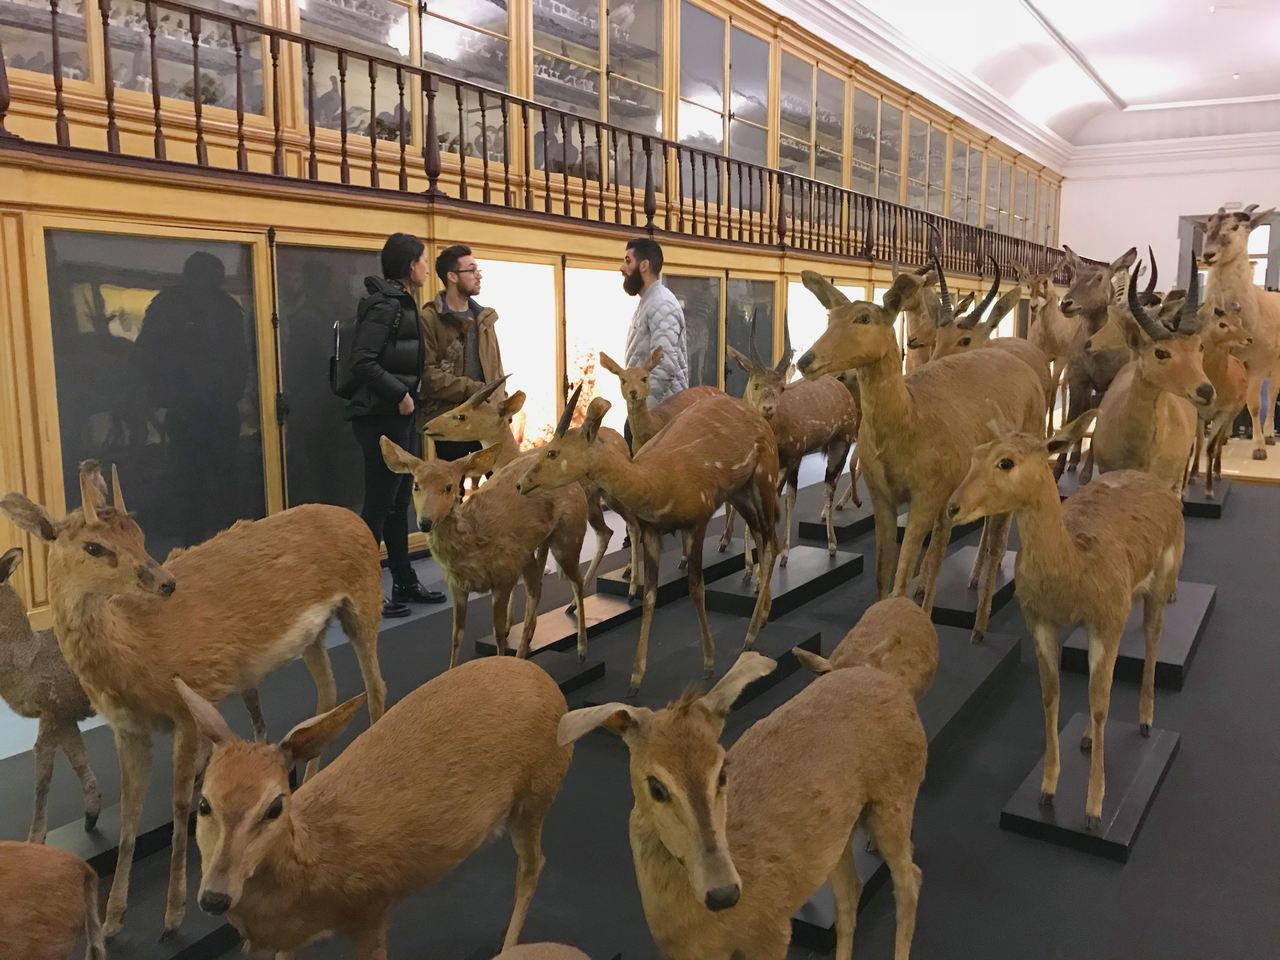 Animais embalsamados no Museu da Ciência da Universidade de Coimbra. Foto de Diogo Pereira